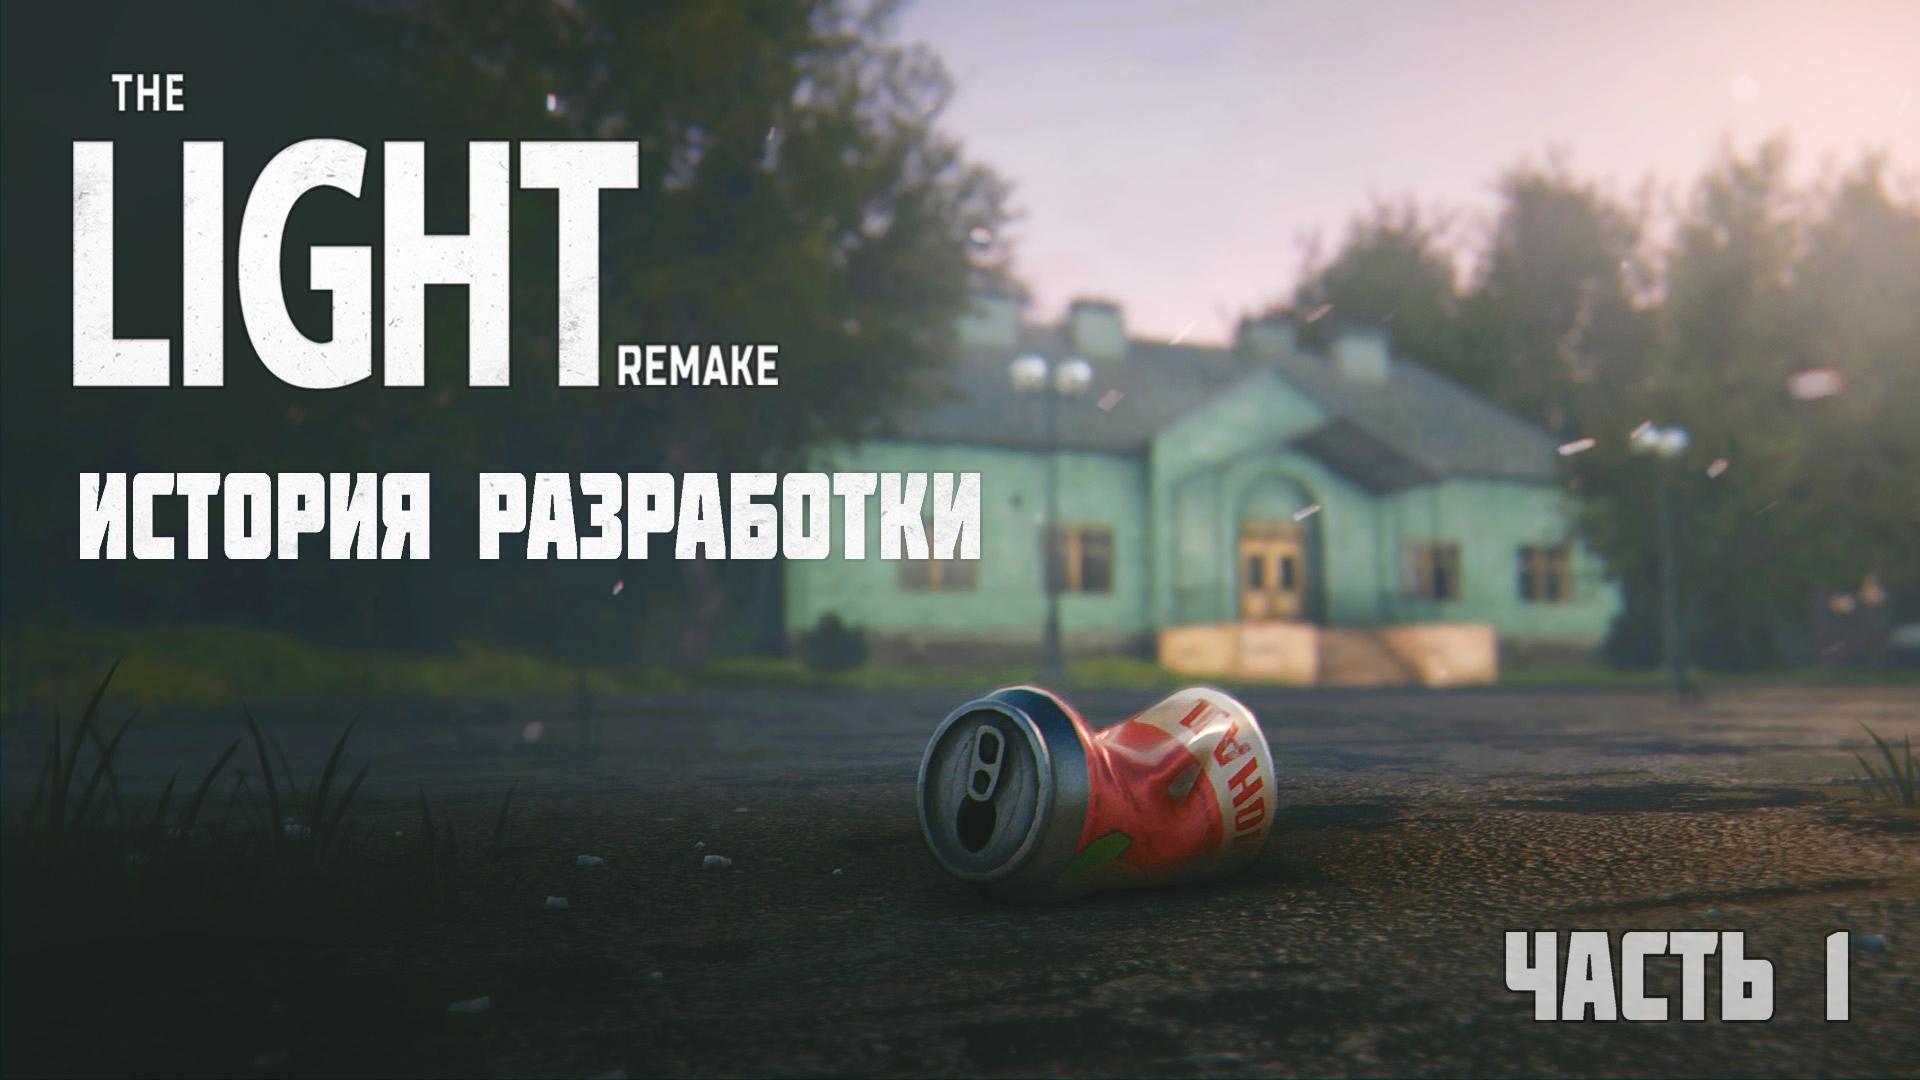 История разработки The Light Remake. Часть 1